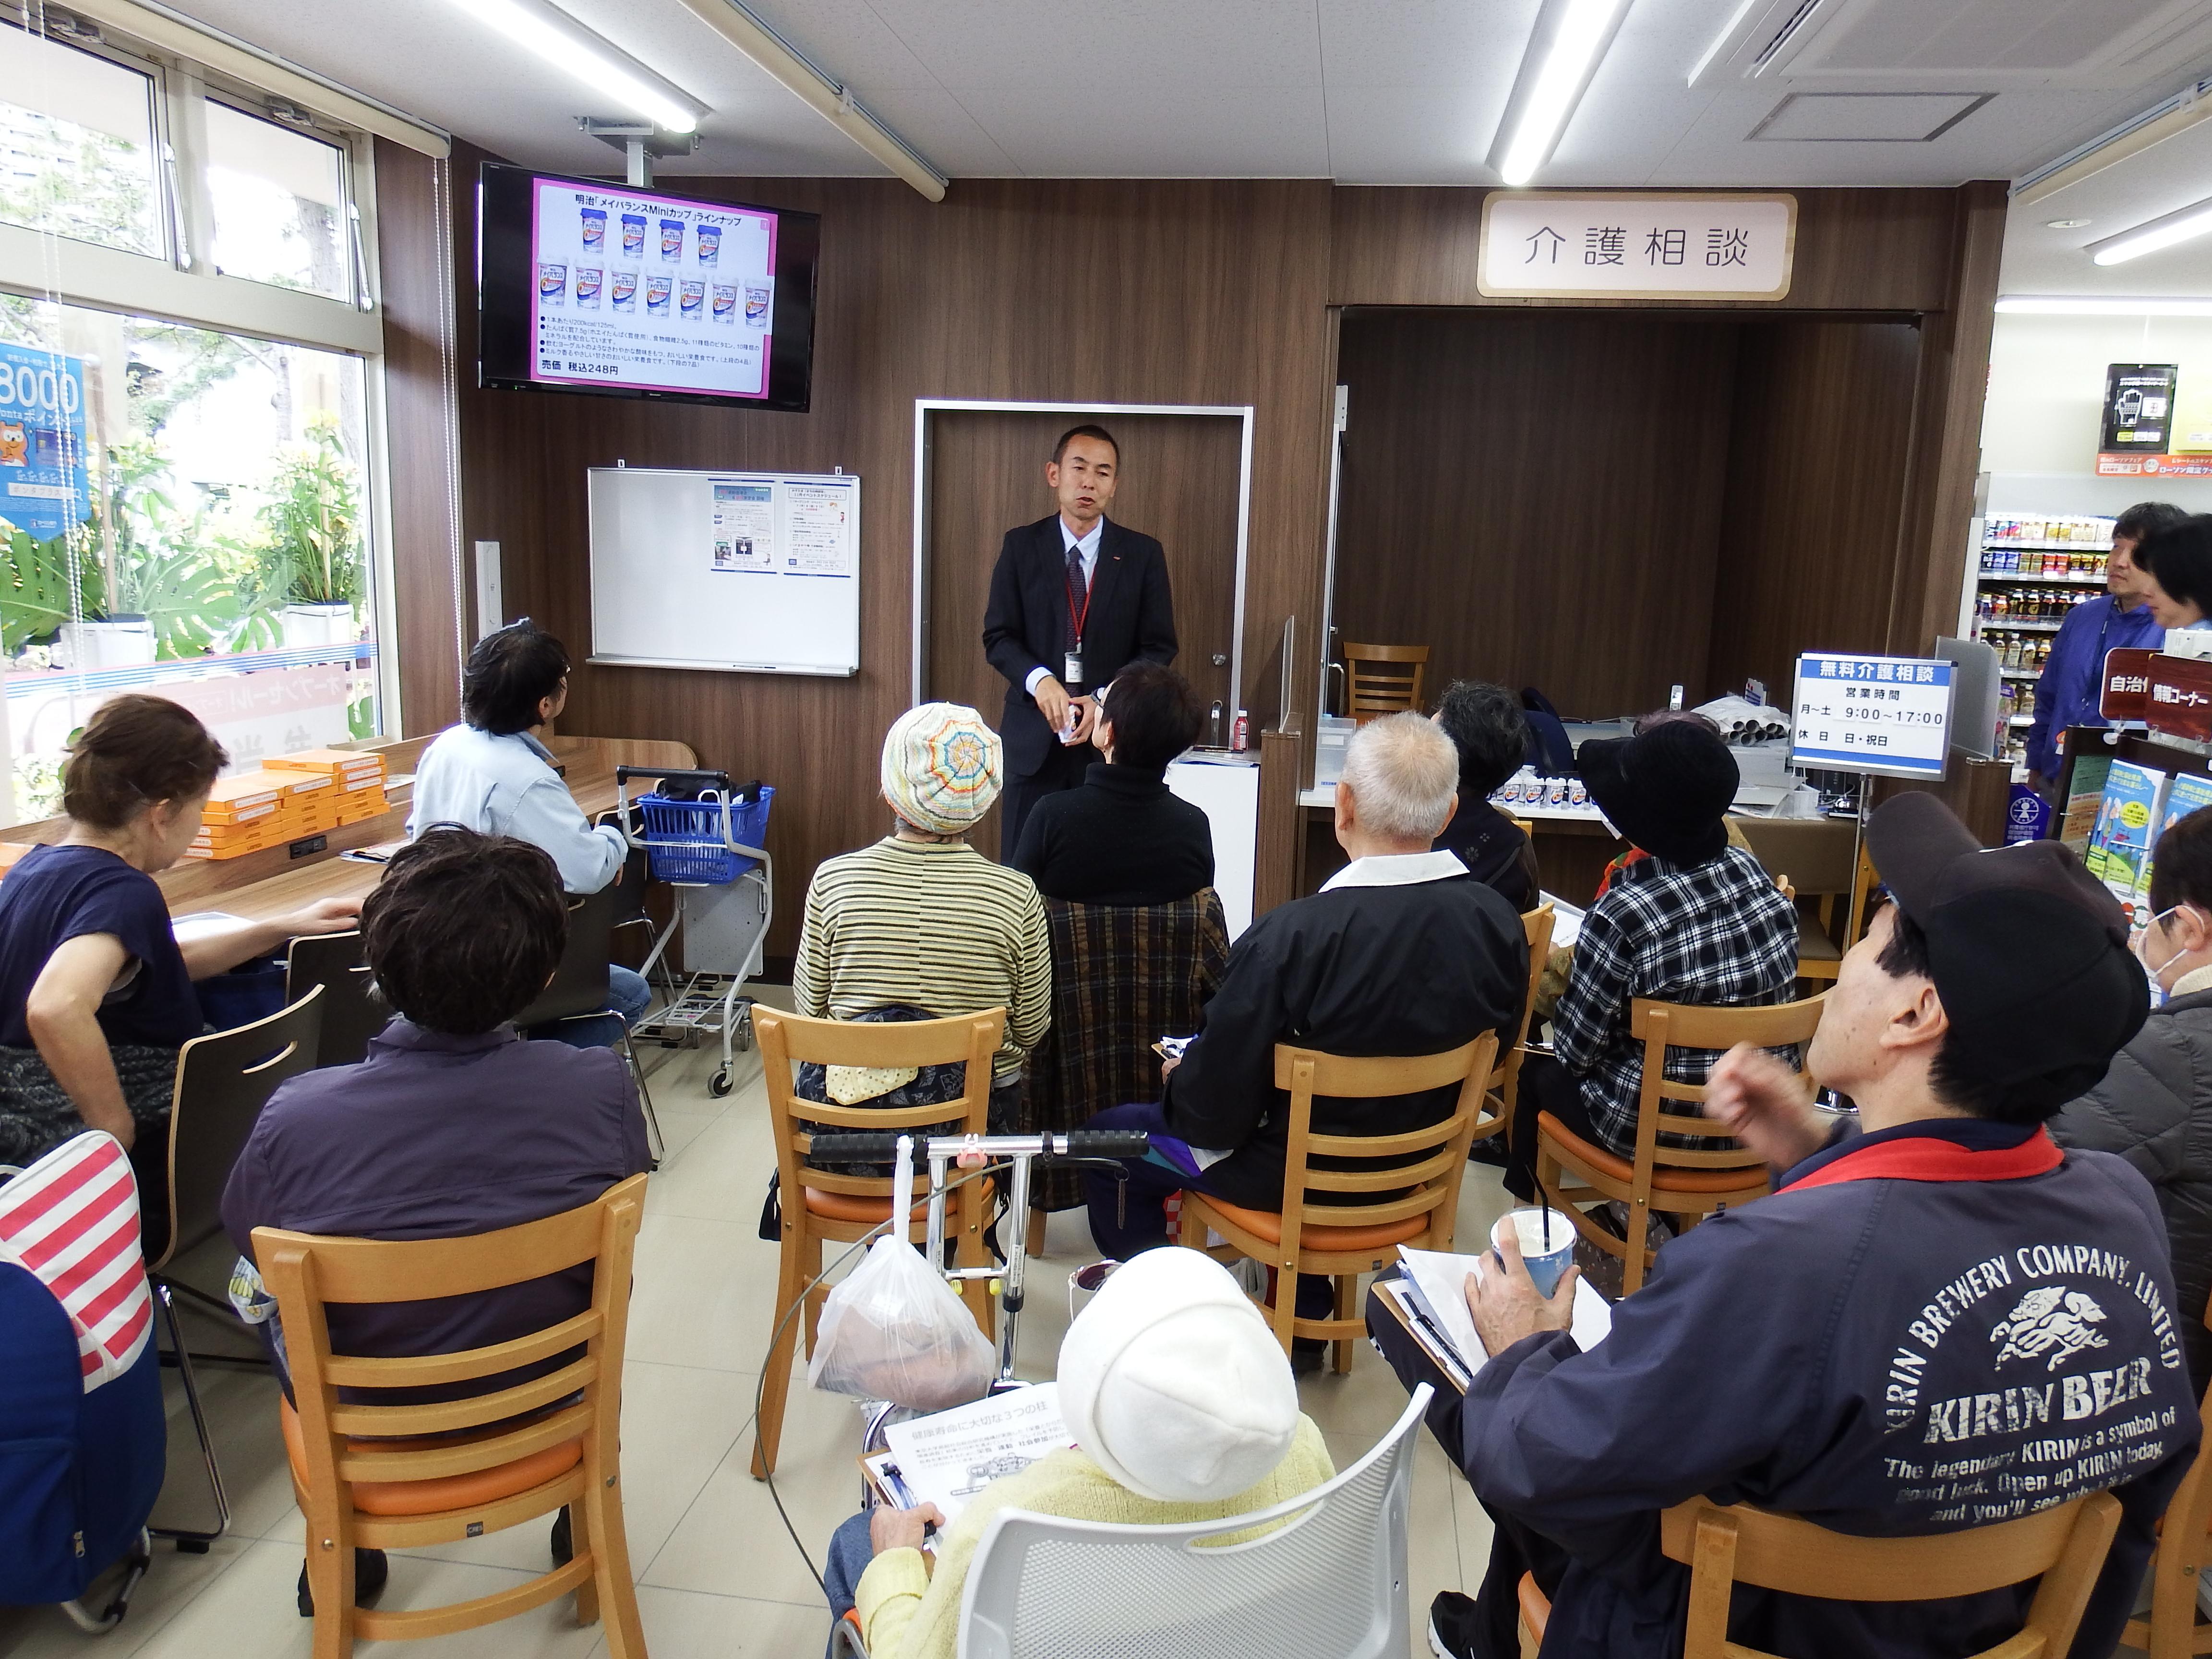 ケアローソンでフレイル予防、少子高齢化対応拠点施設と併設